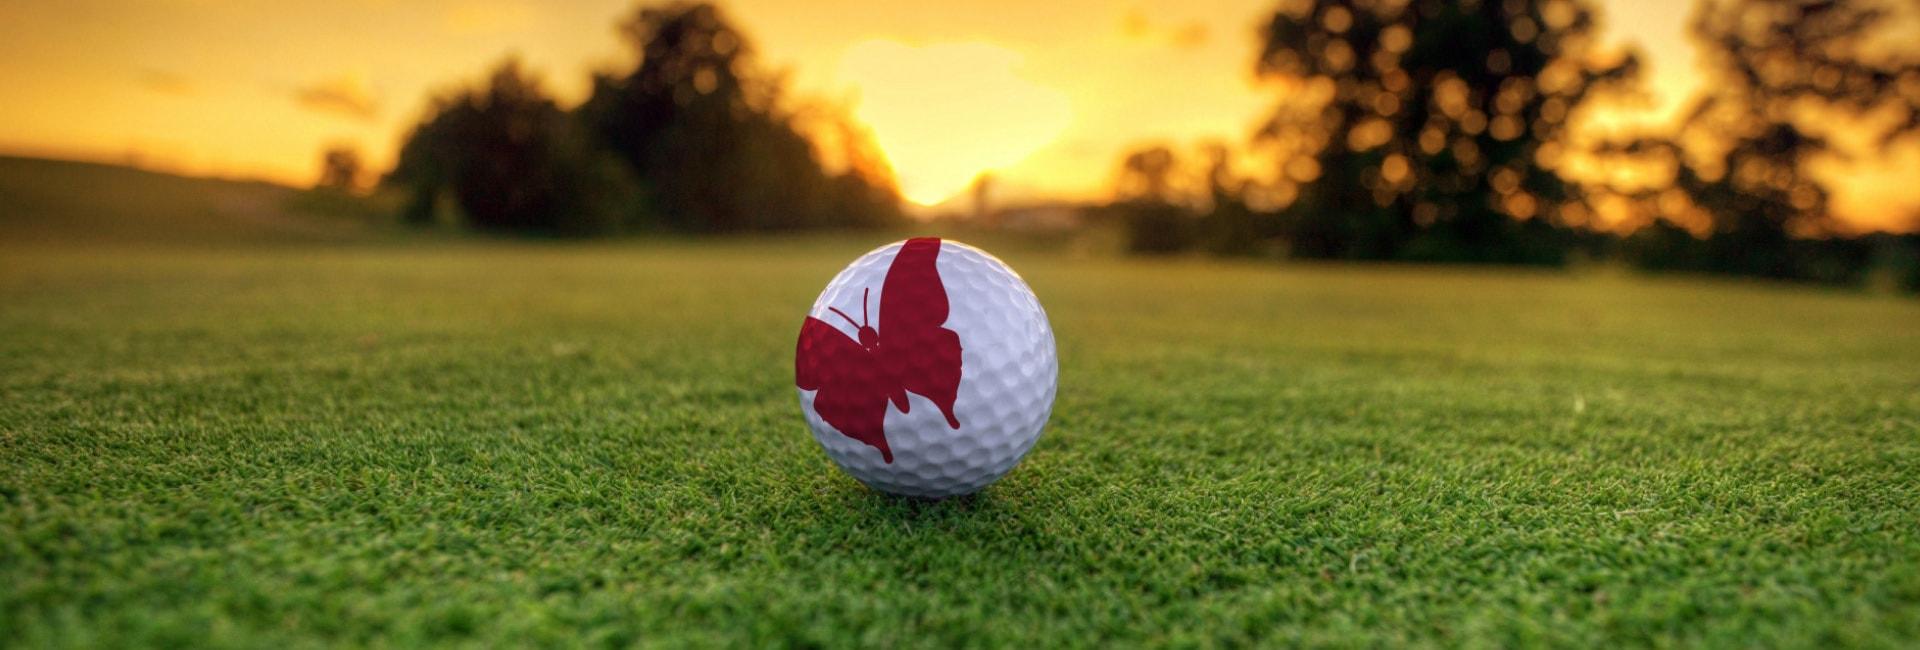 The Myton Hospices - Golf Day 2019 - Flex Slider